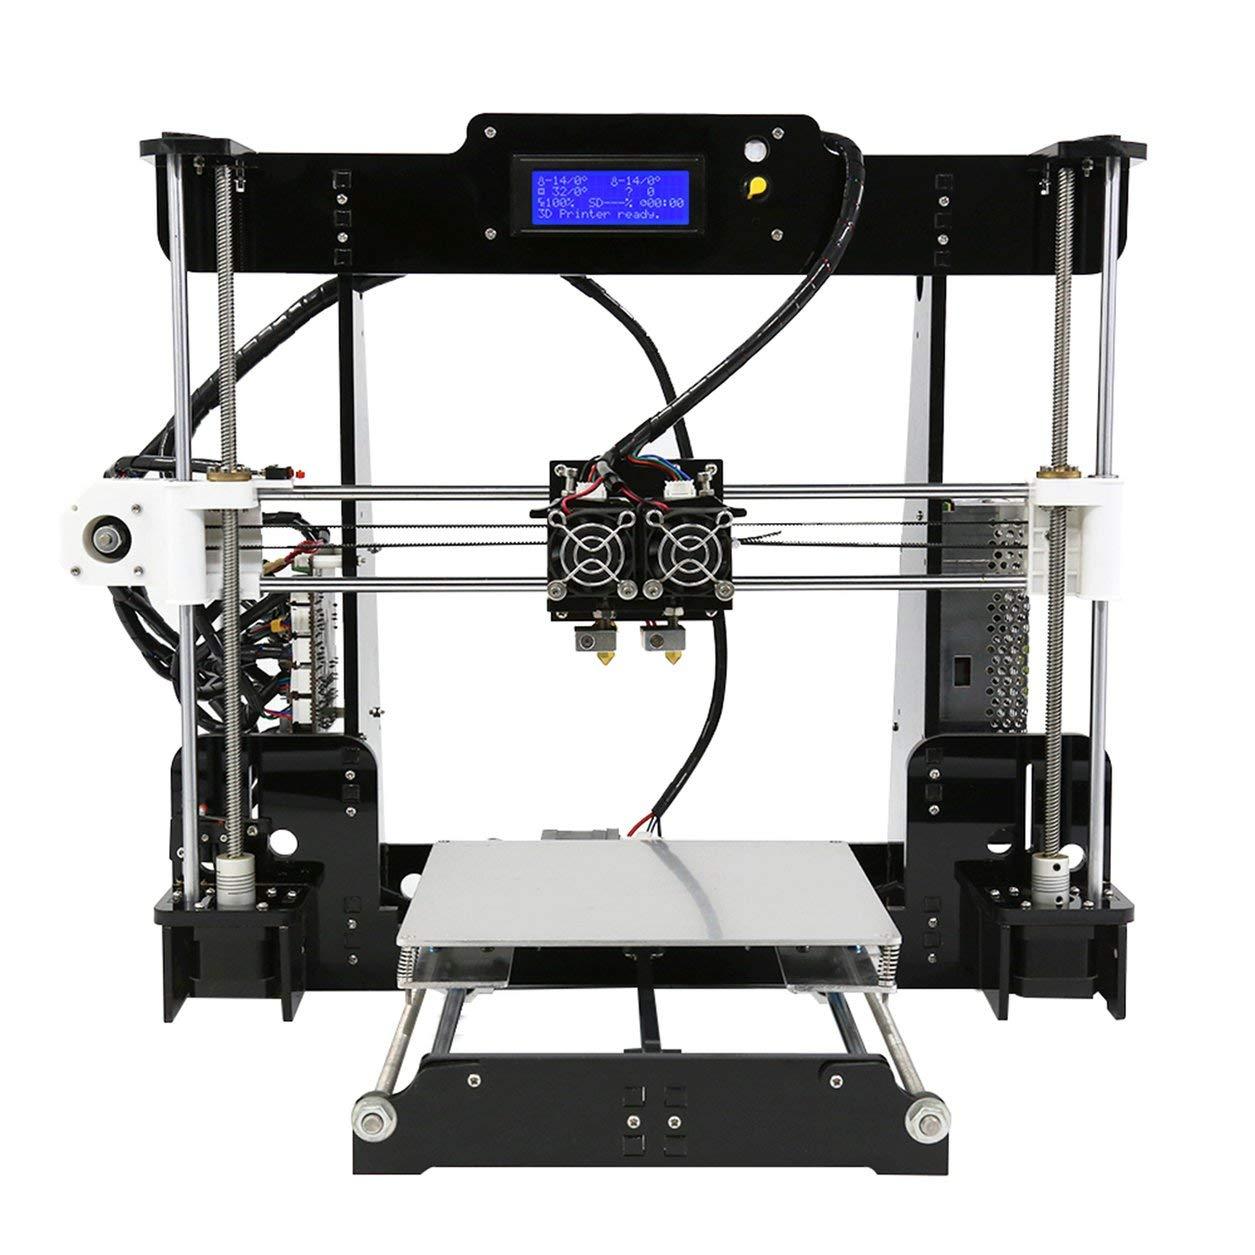 Dailyinshop 3D Drucker,3D Drucker Zubehör,3D Printer,A8-M 3D-Drucker Dual-Extruder Doppel Farben Drucken Prusa I3 Beheizte Bed Us